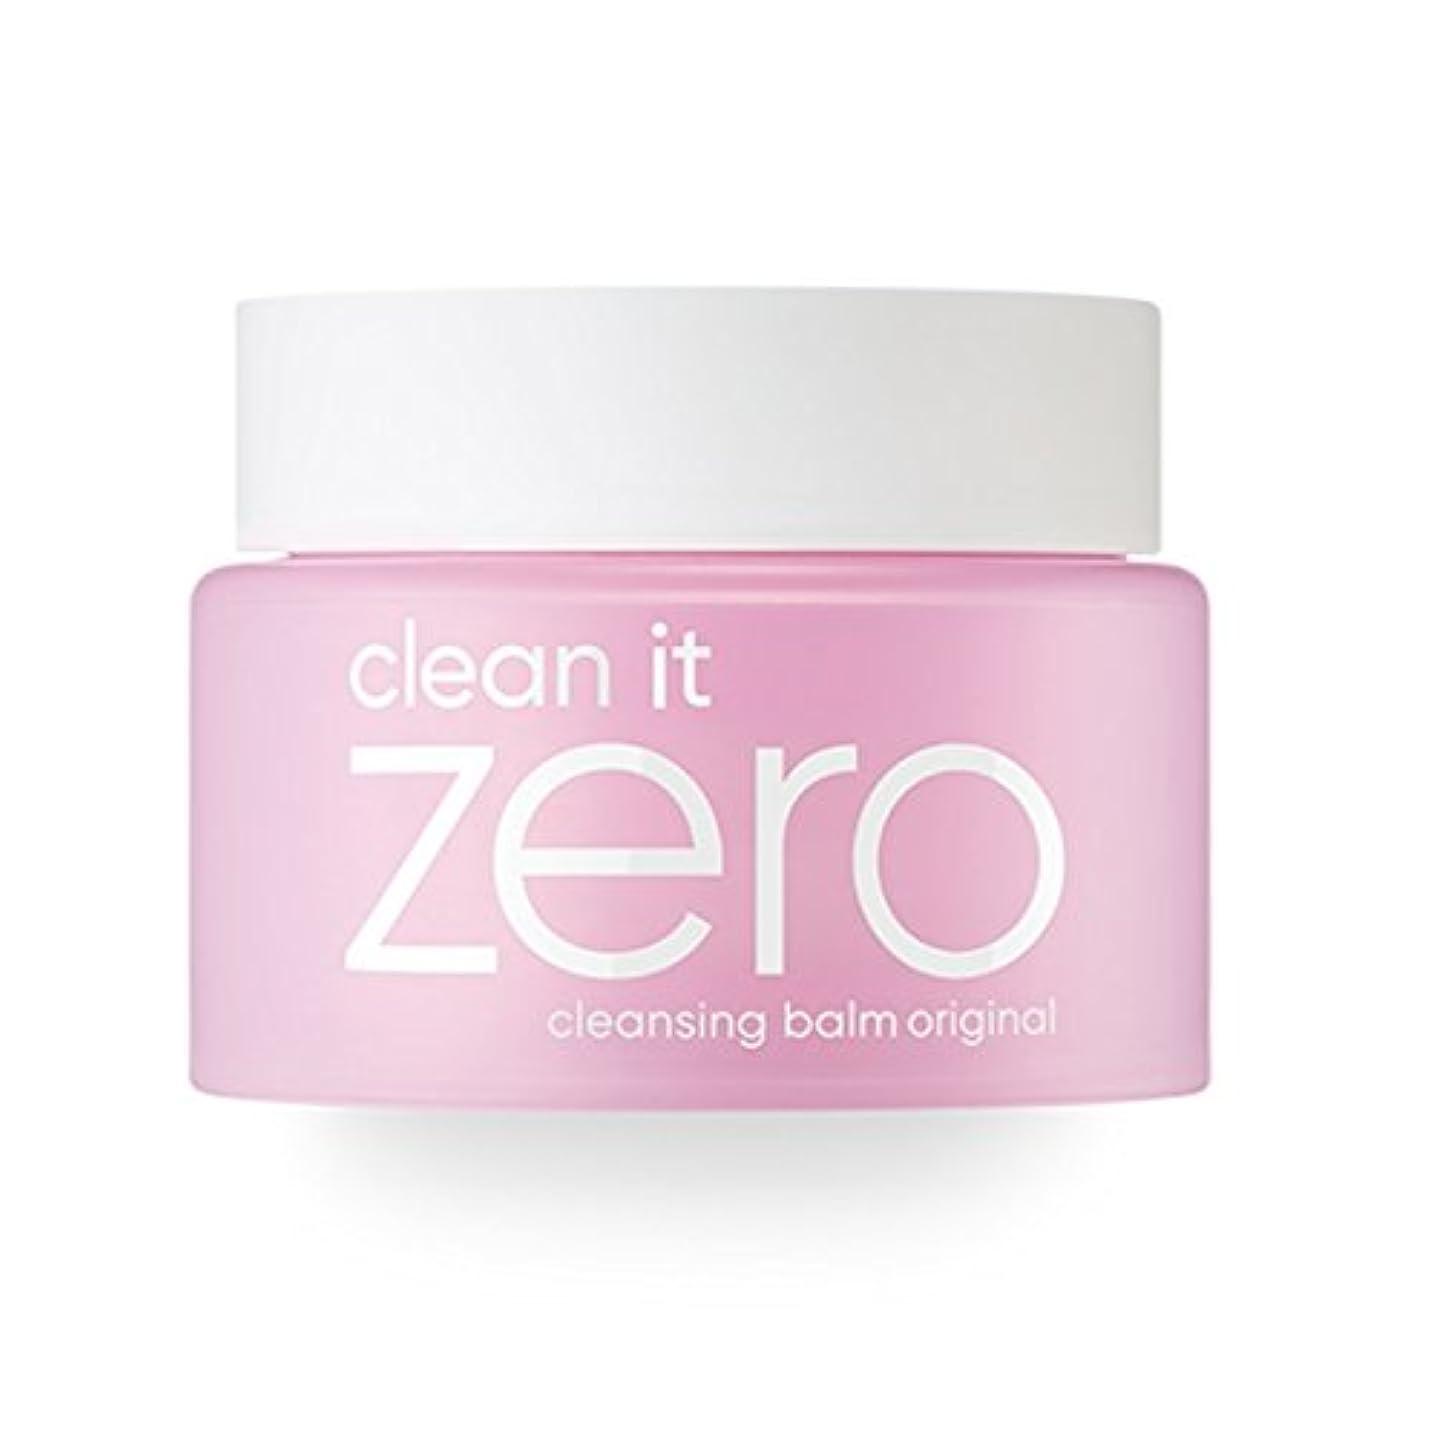 幽霊氏作るBanila.co クリーン イット ゼロ クレンジングバーム オリジナル / Clean it Zero Cleansing Balm Original (100ml)